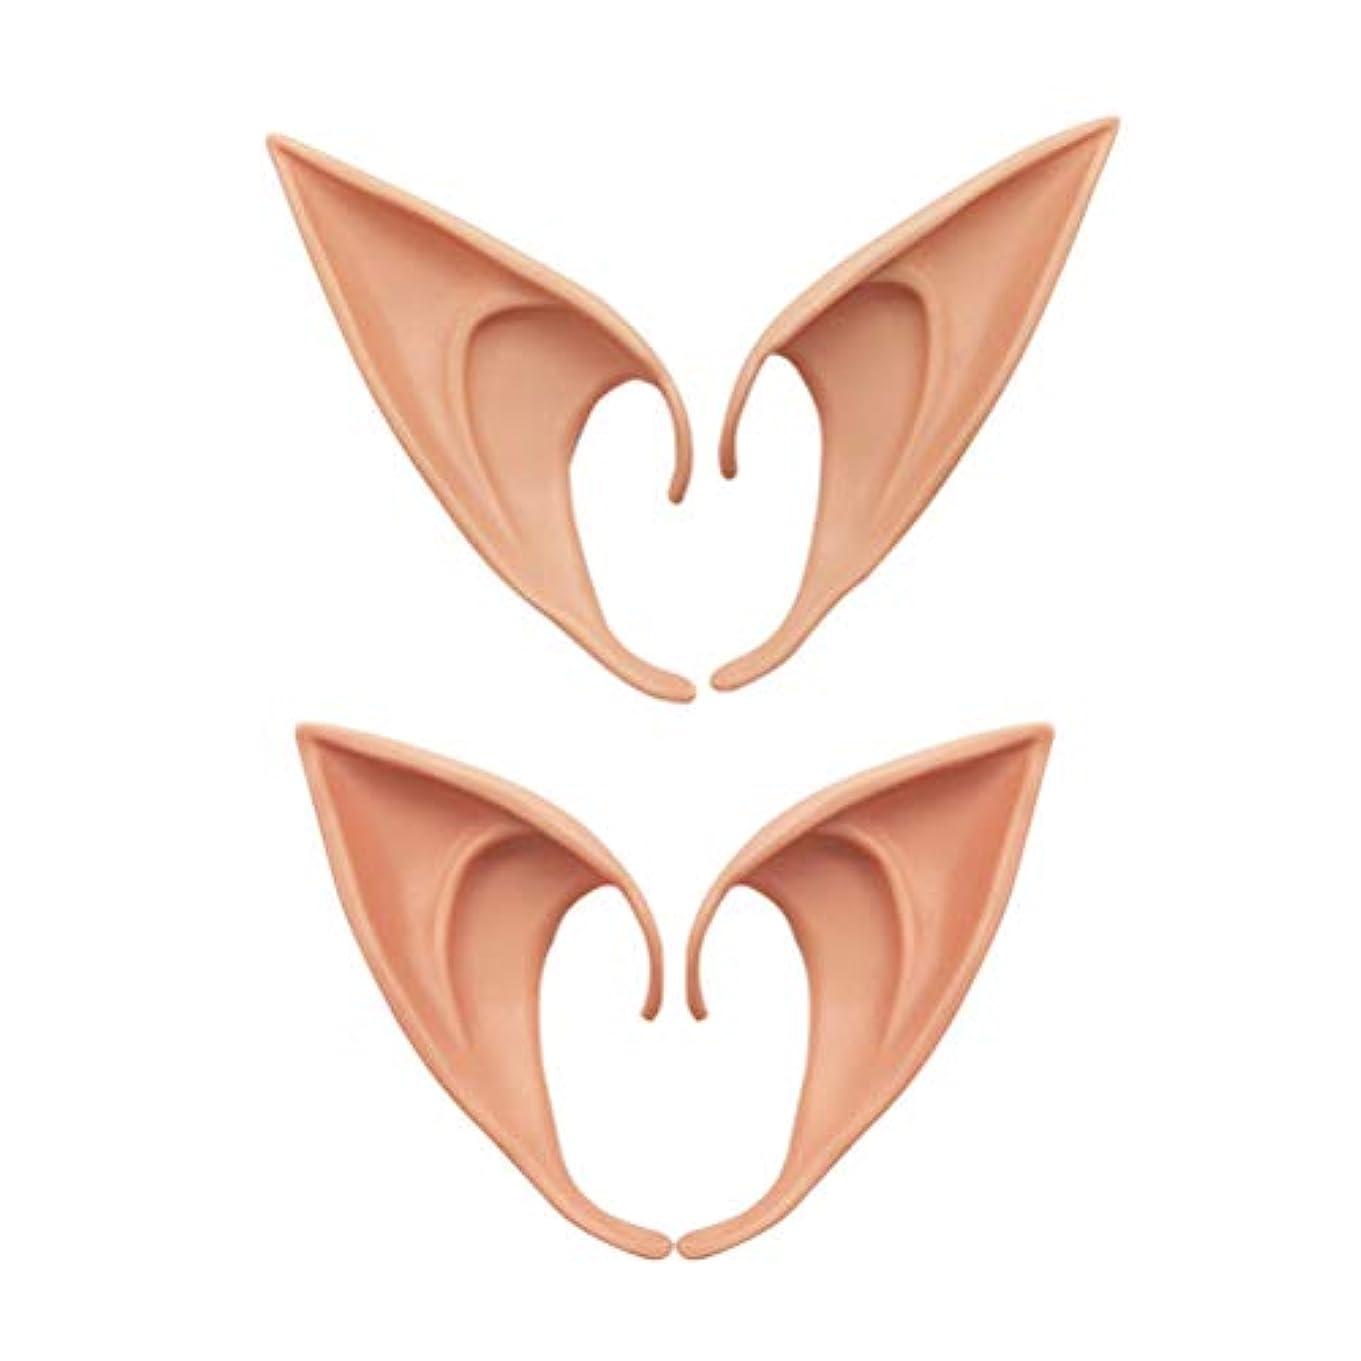 長さ授業料熟達Toyvian エルフ耳コスプレイースターカーニバルパーティーエルフコスチューム補綴耳偽のヒント耳写真小道具4ピース